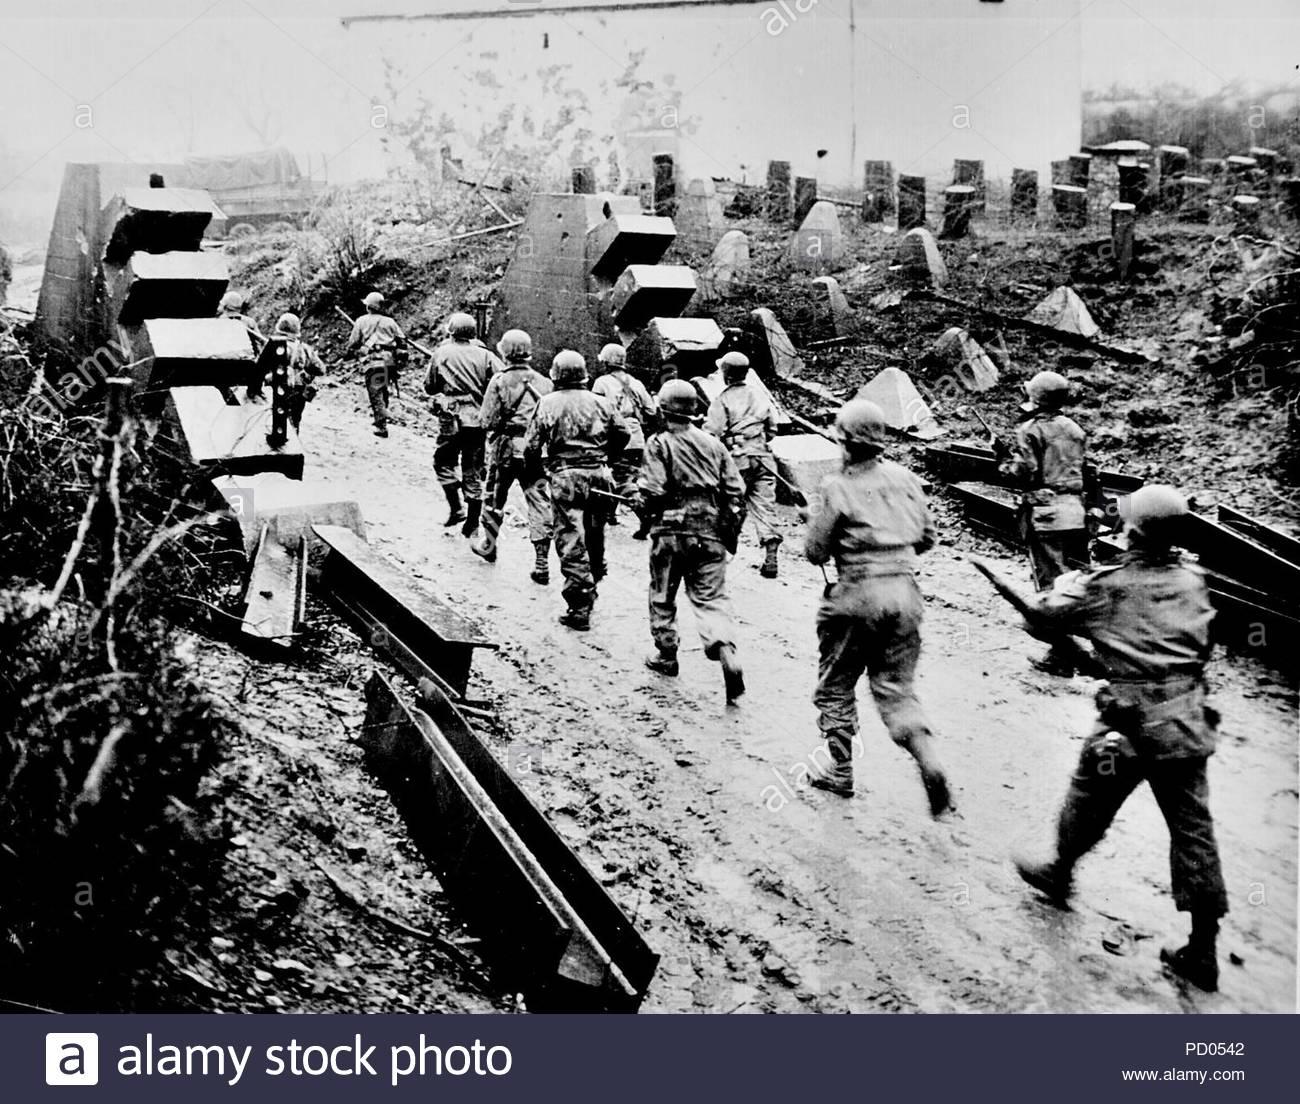 Crossing the Siegfried line 1945. - Page 3 Vv2V1